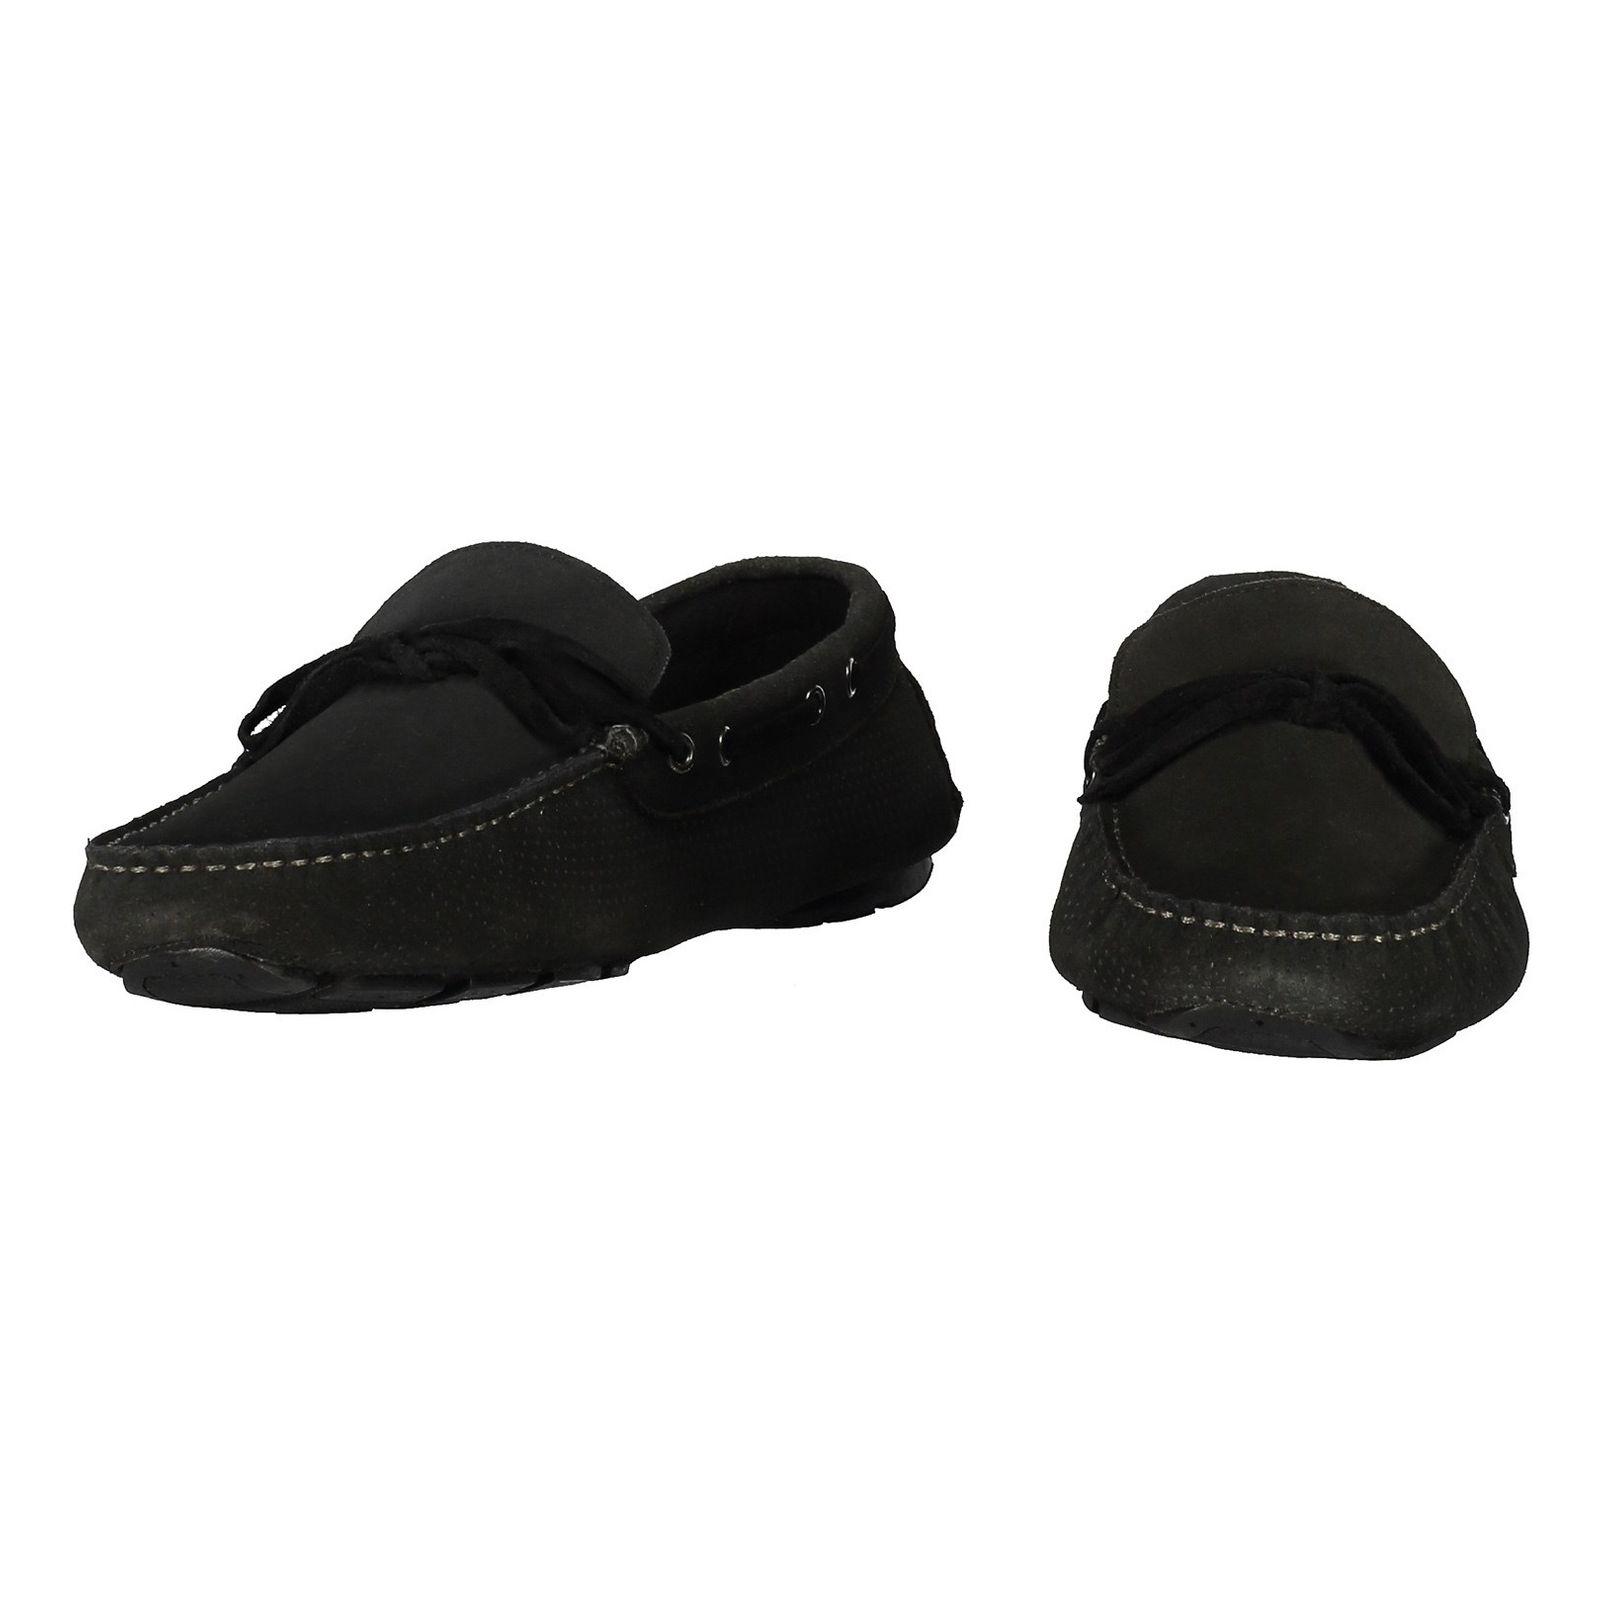 کفش راحتی چرم مردانه Driver - سوپردرای - زغالي - 4